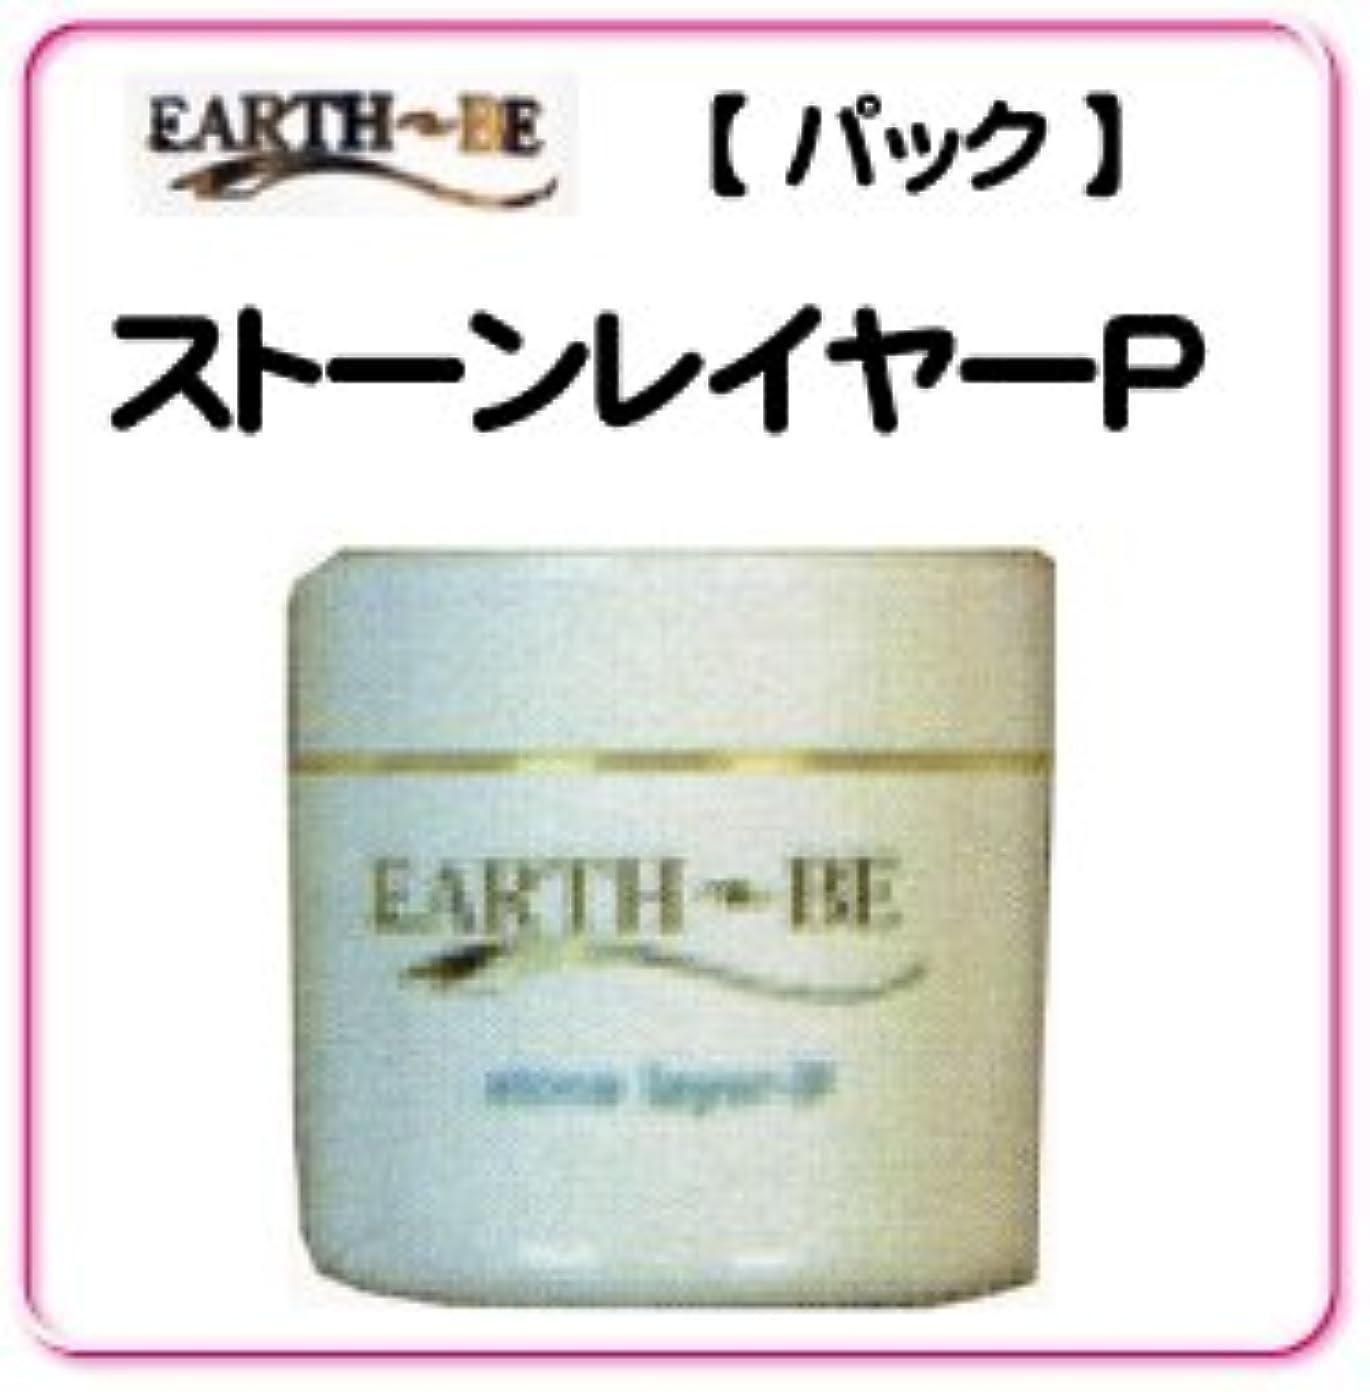 レバーアサー穴ベルマン化粧品 EARTH-Bシリーズ  アースビ ストーンレイヤー P  パック 100g